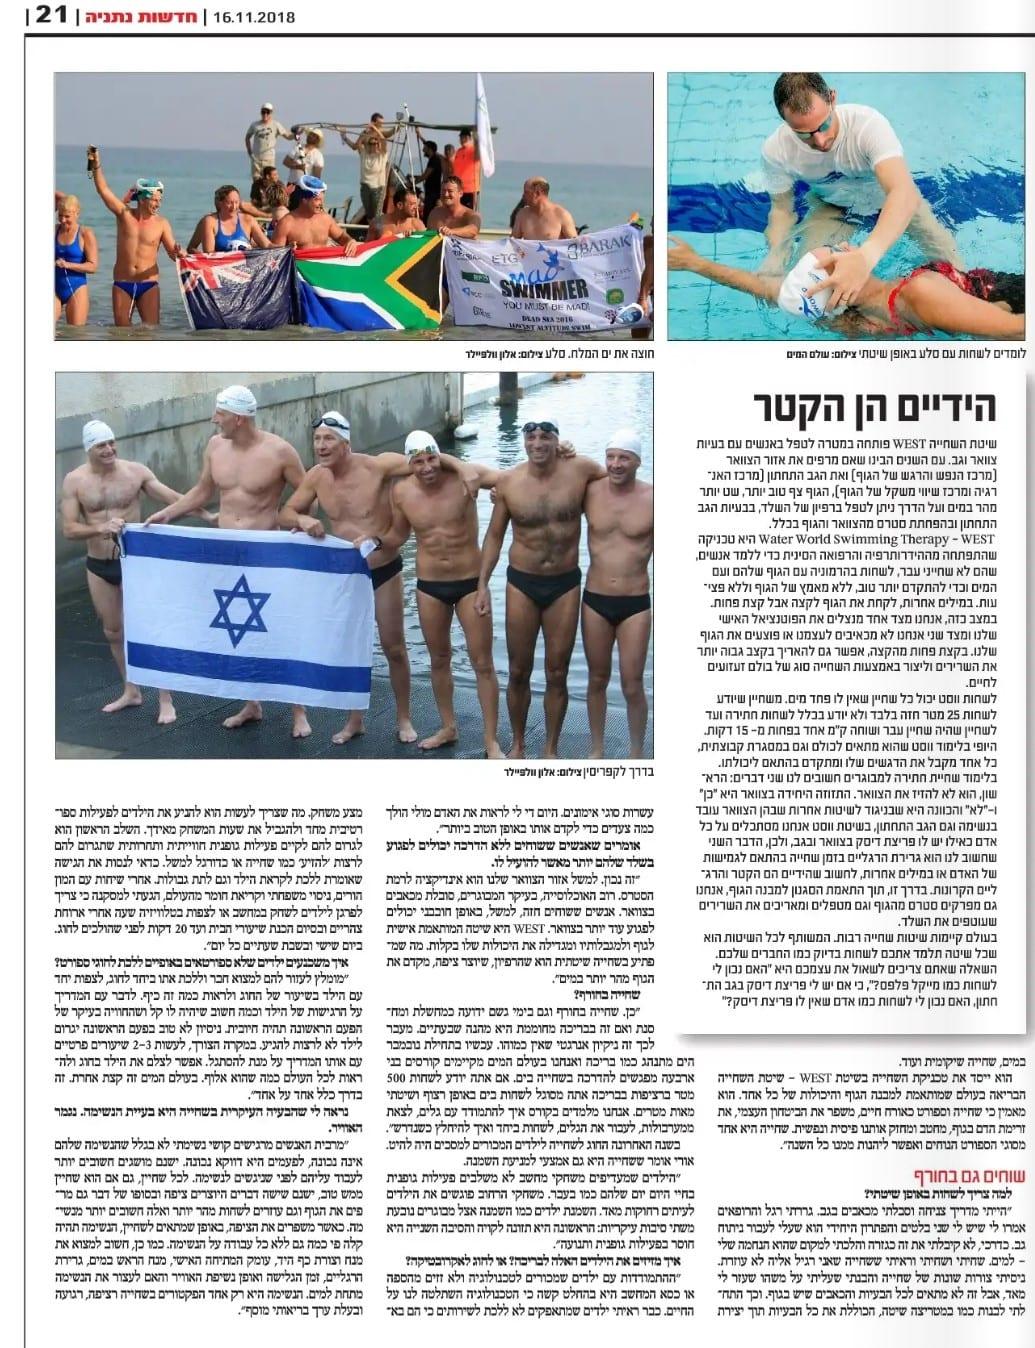 חדשות נתניה: אורי סלע מייסד שיטת השחייה ווסט